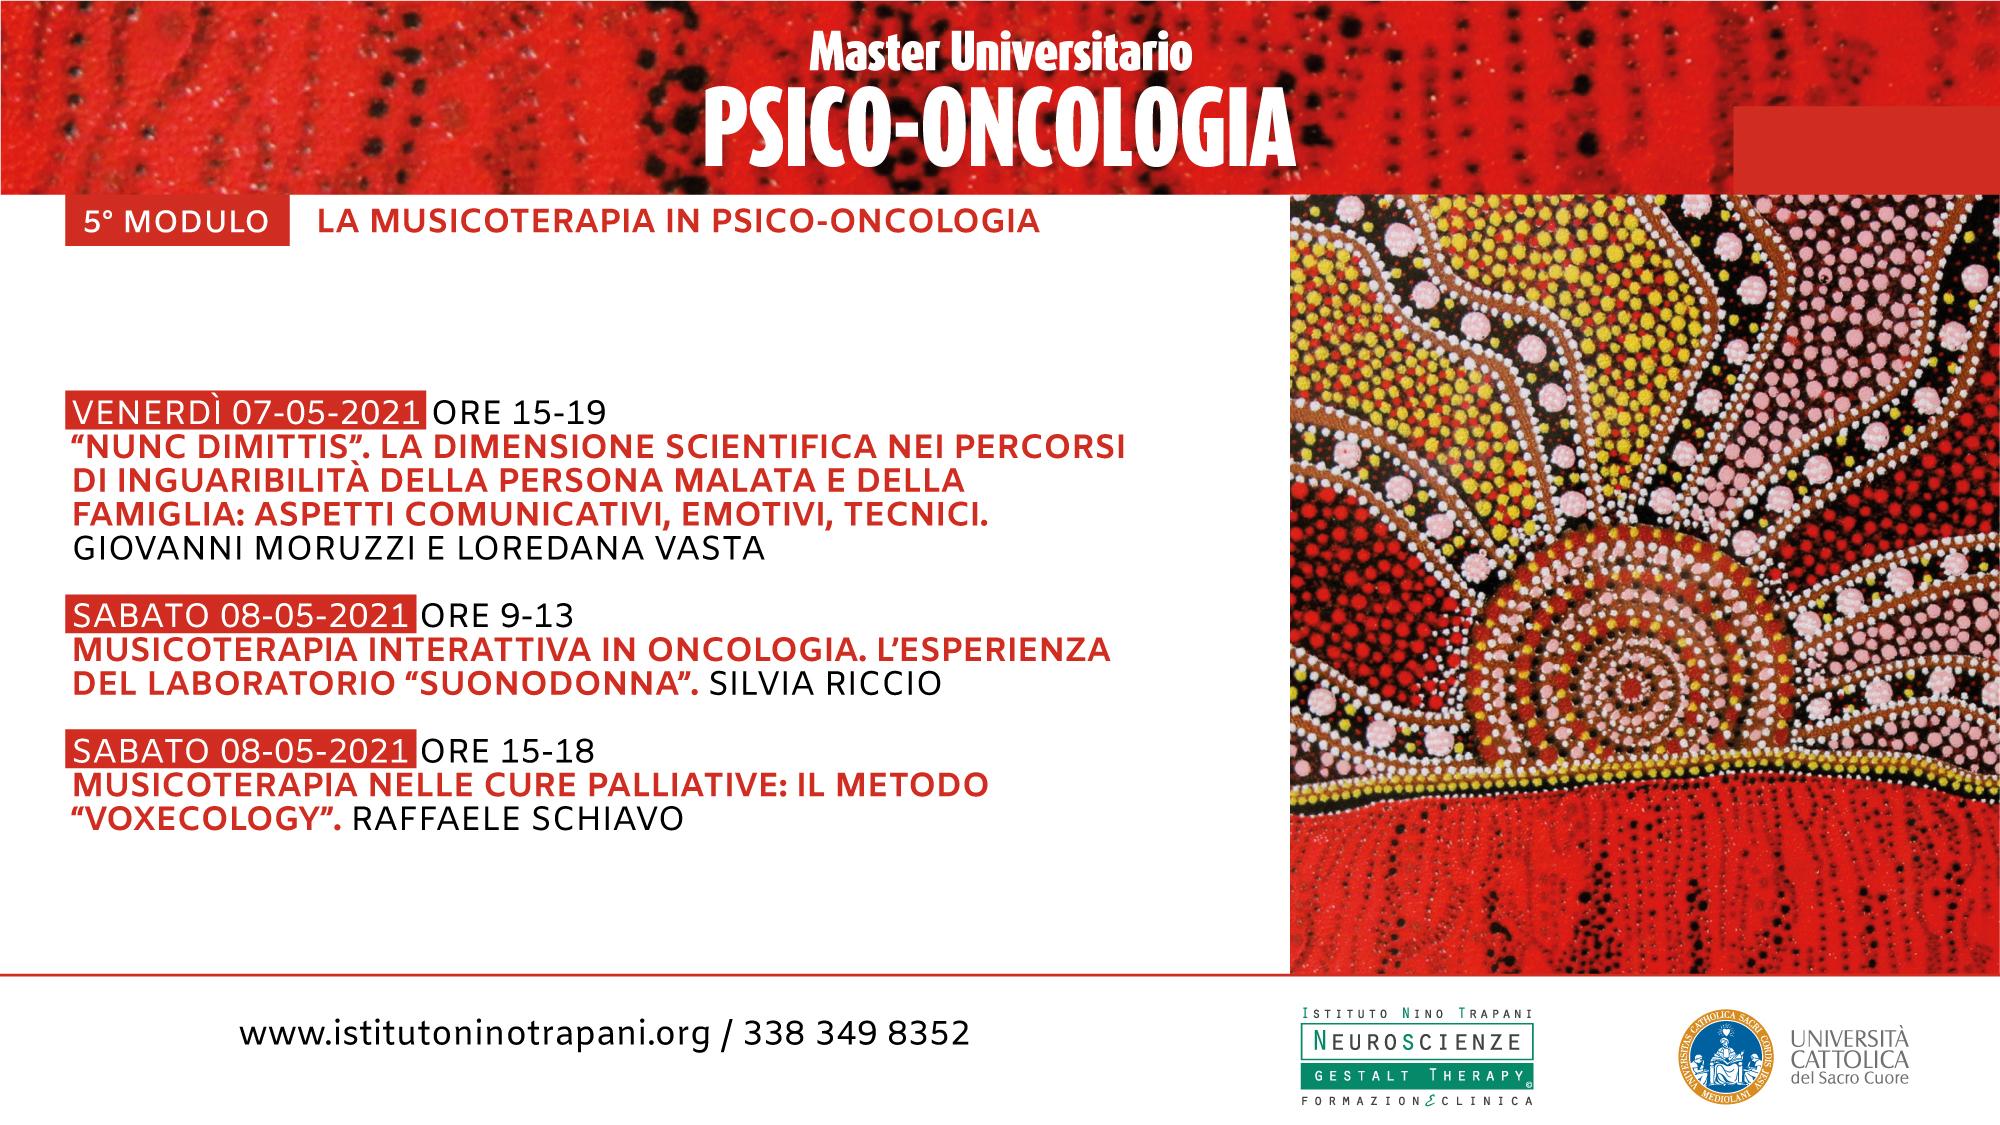 Master in Psico-Oncologia, ed. 25. Quinto Modulo